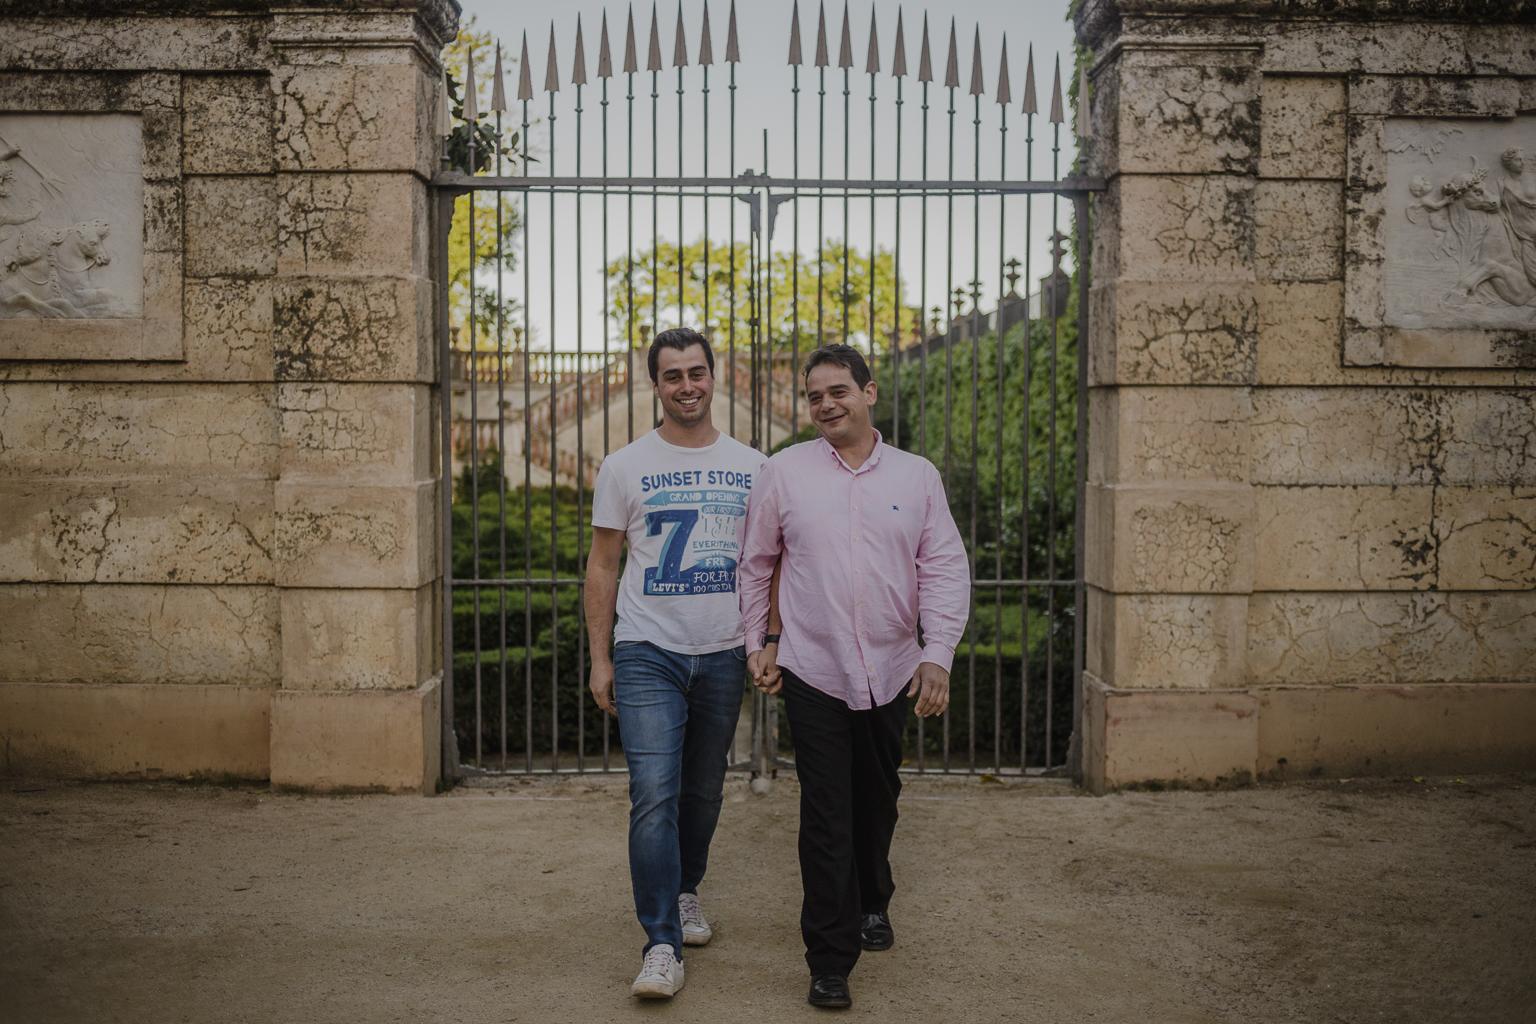 fotografo_familiar_barcelona-26